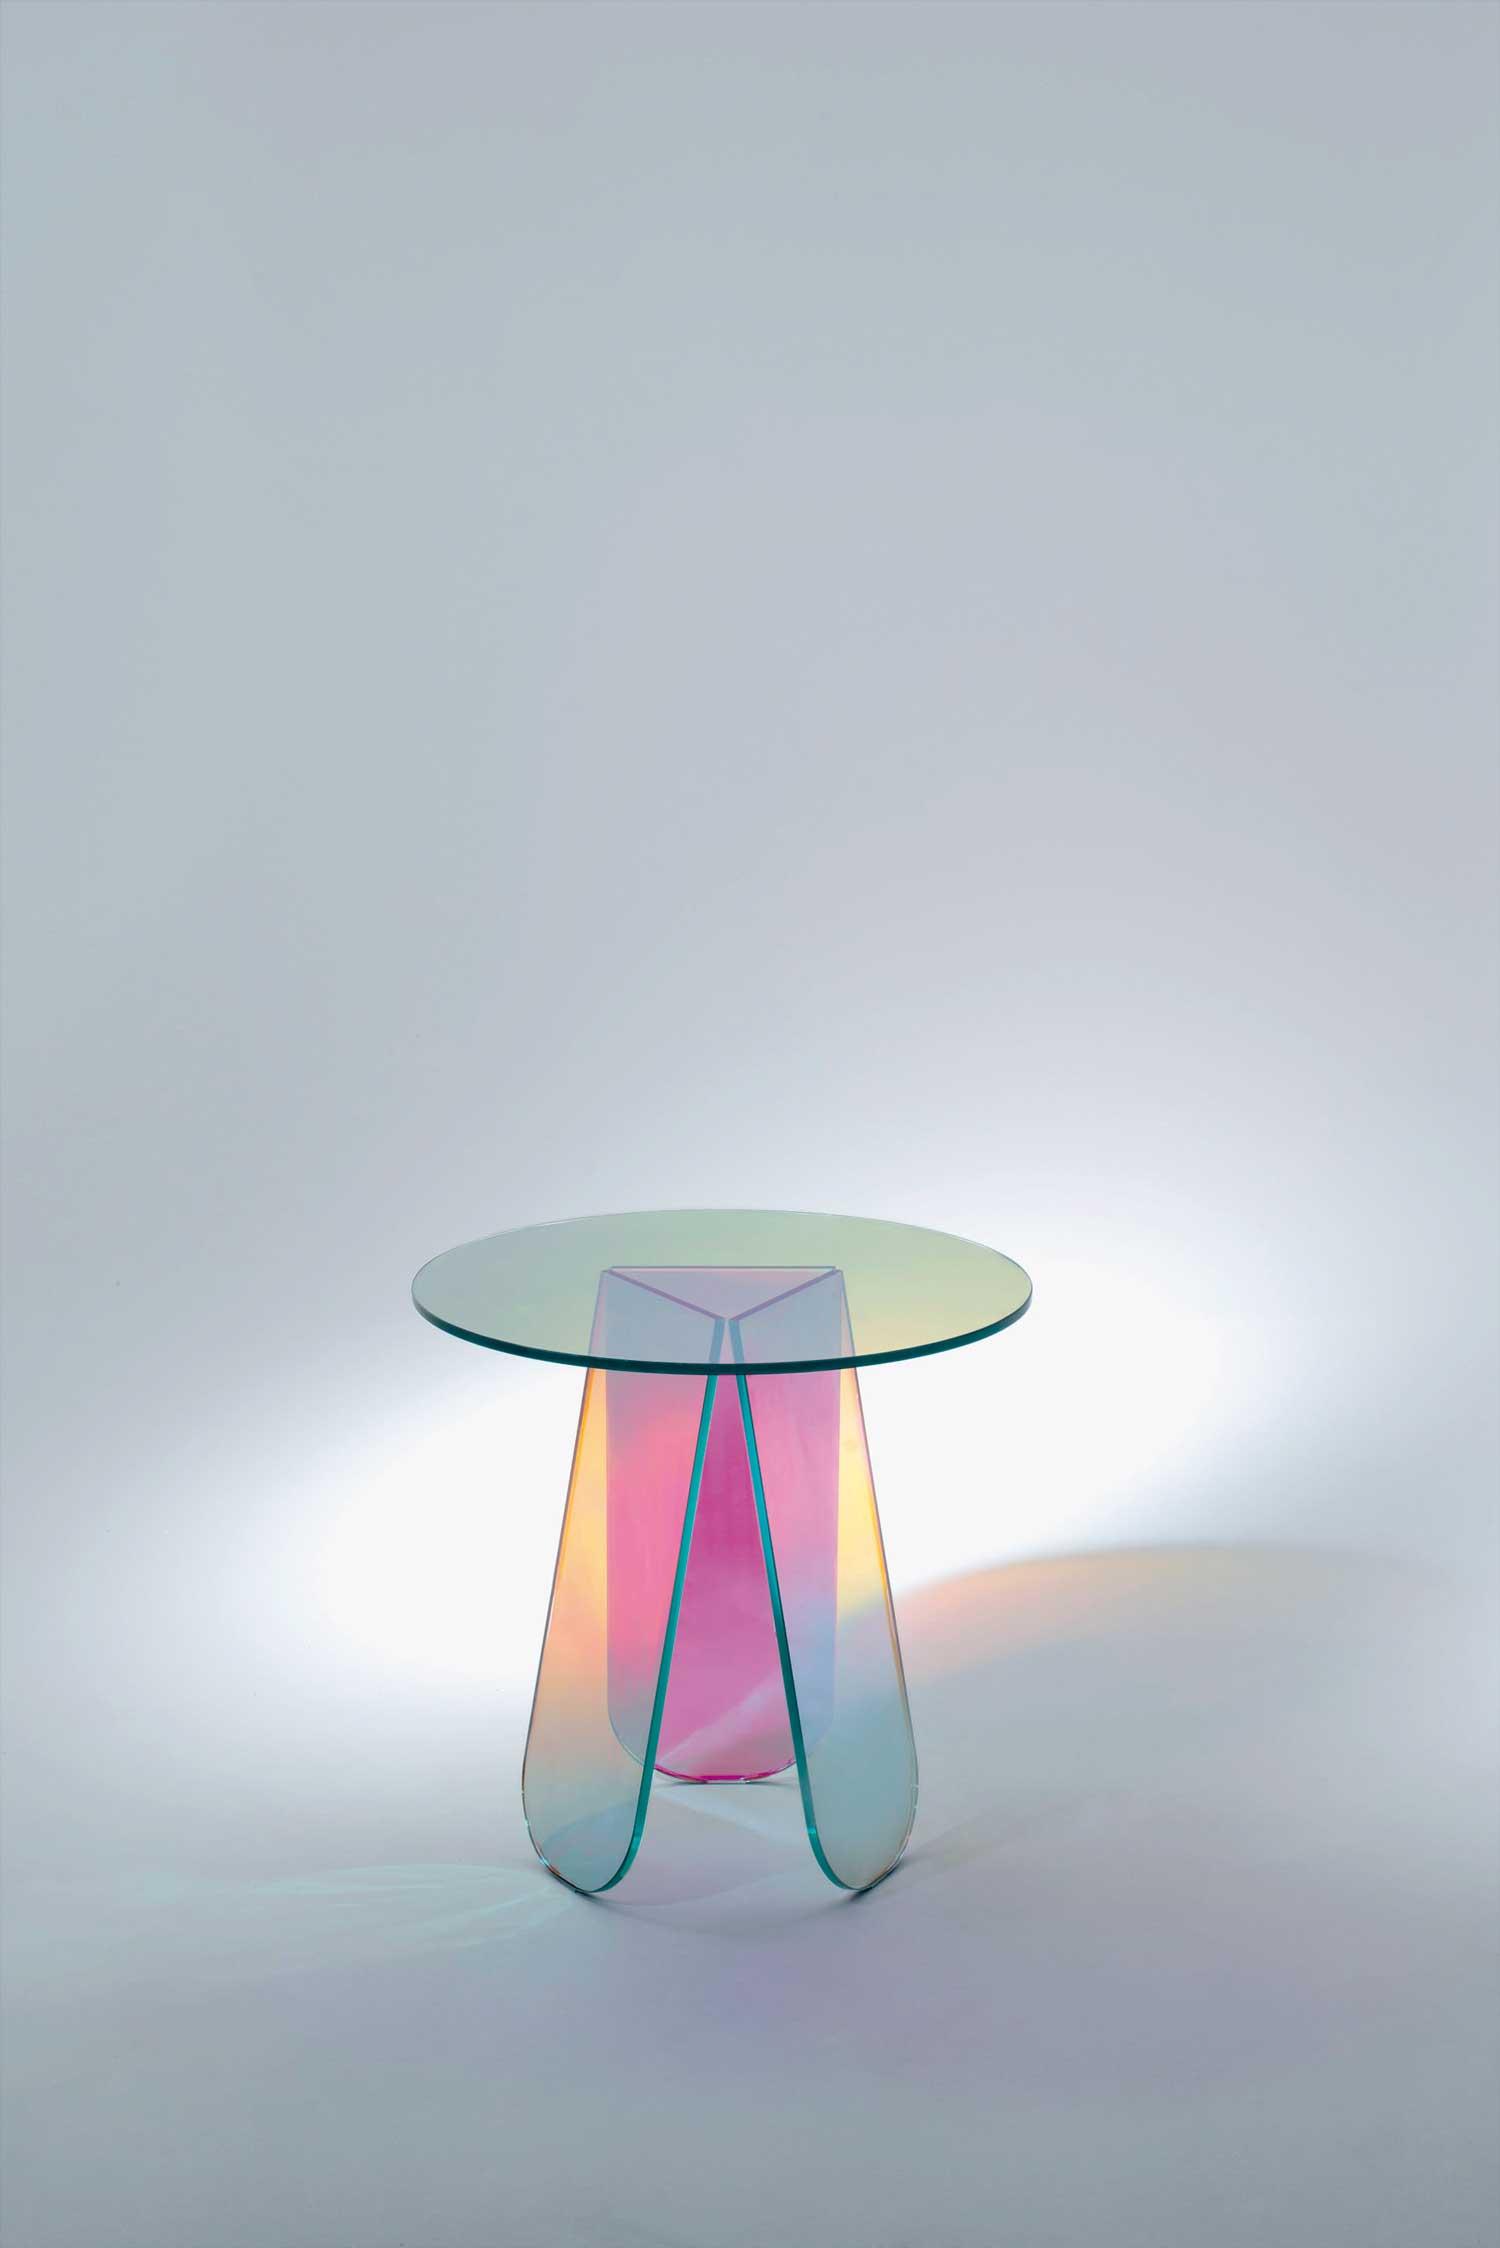 Milantrace 2014 / Selone del Mobile - Rho Fiera product, Glas Italia | Yellowtrace